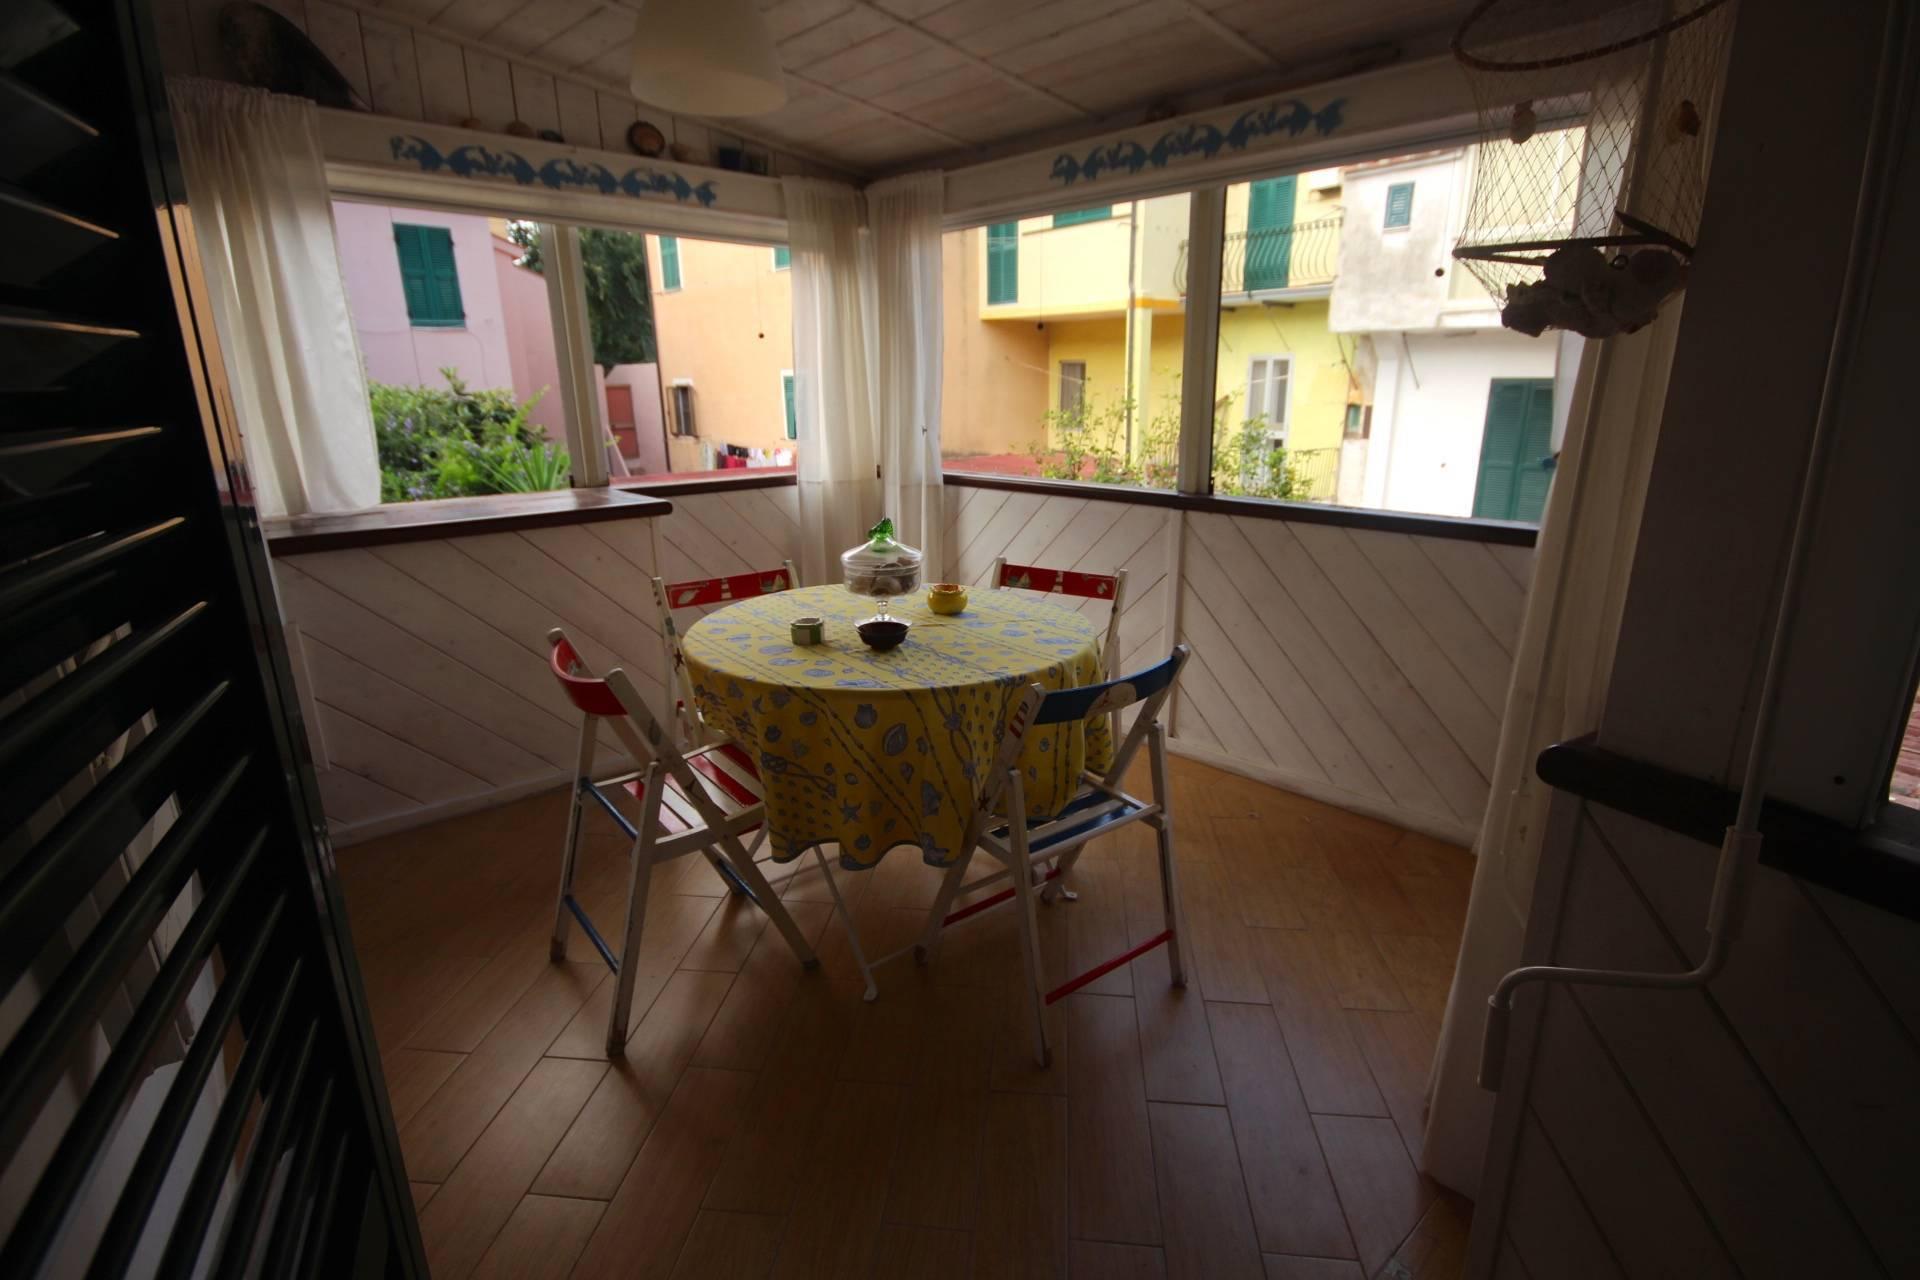 Appartamento in vendita a Orbetello, 5 locali, zona Località: Centrostorico, prezzo € 220.000 | PortaleAgenzieImmobiliari.it